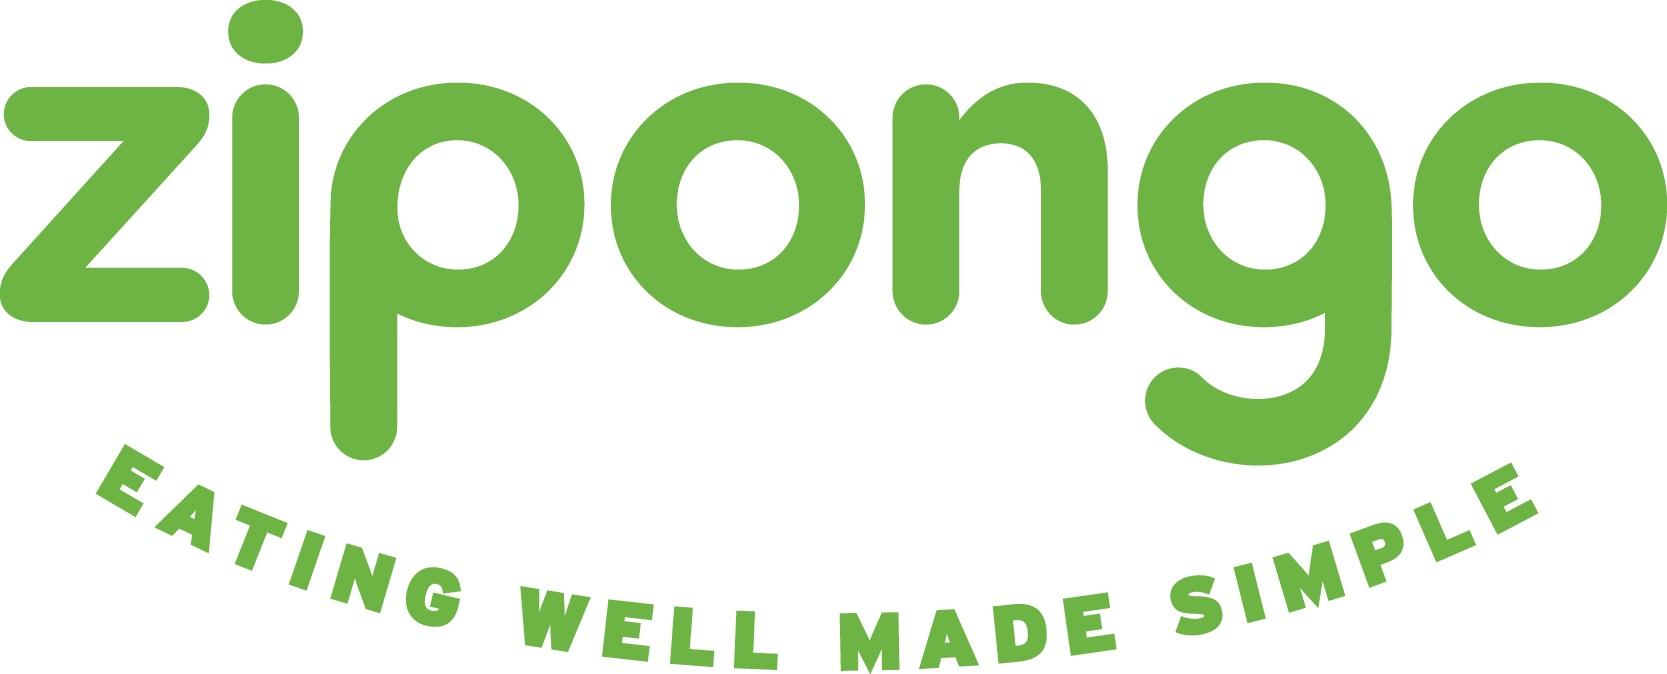 Zipongo_logo_green_tagline_HIRES.jpg